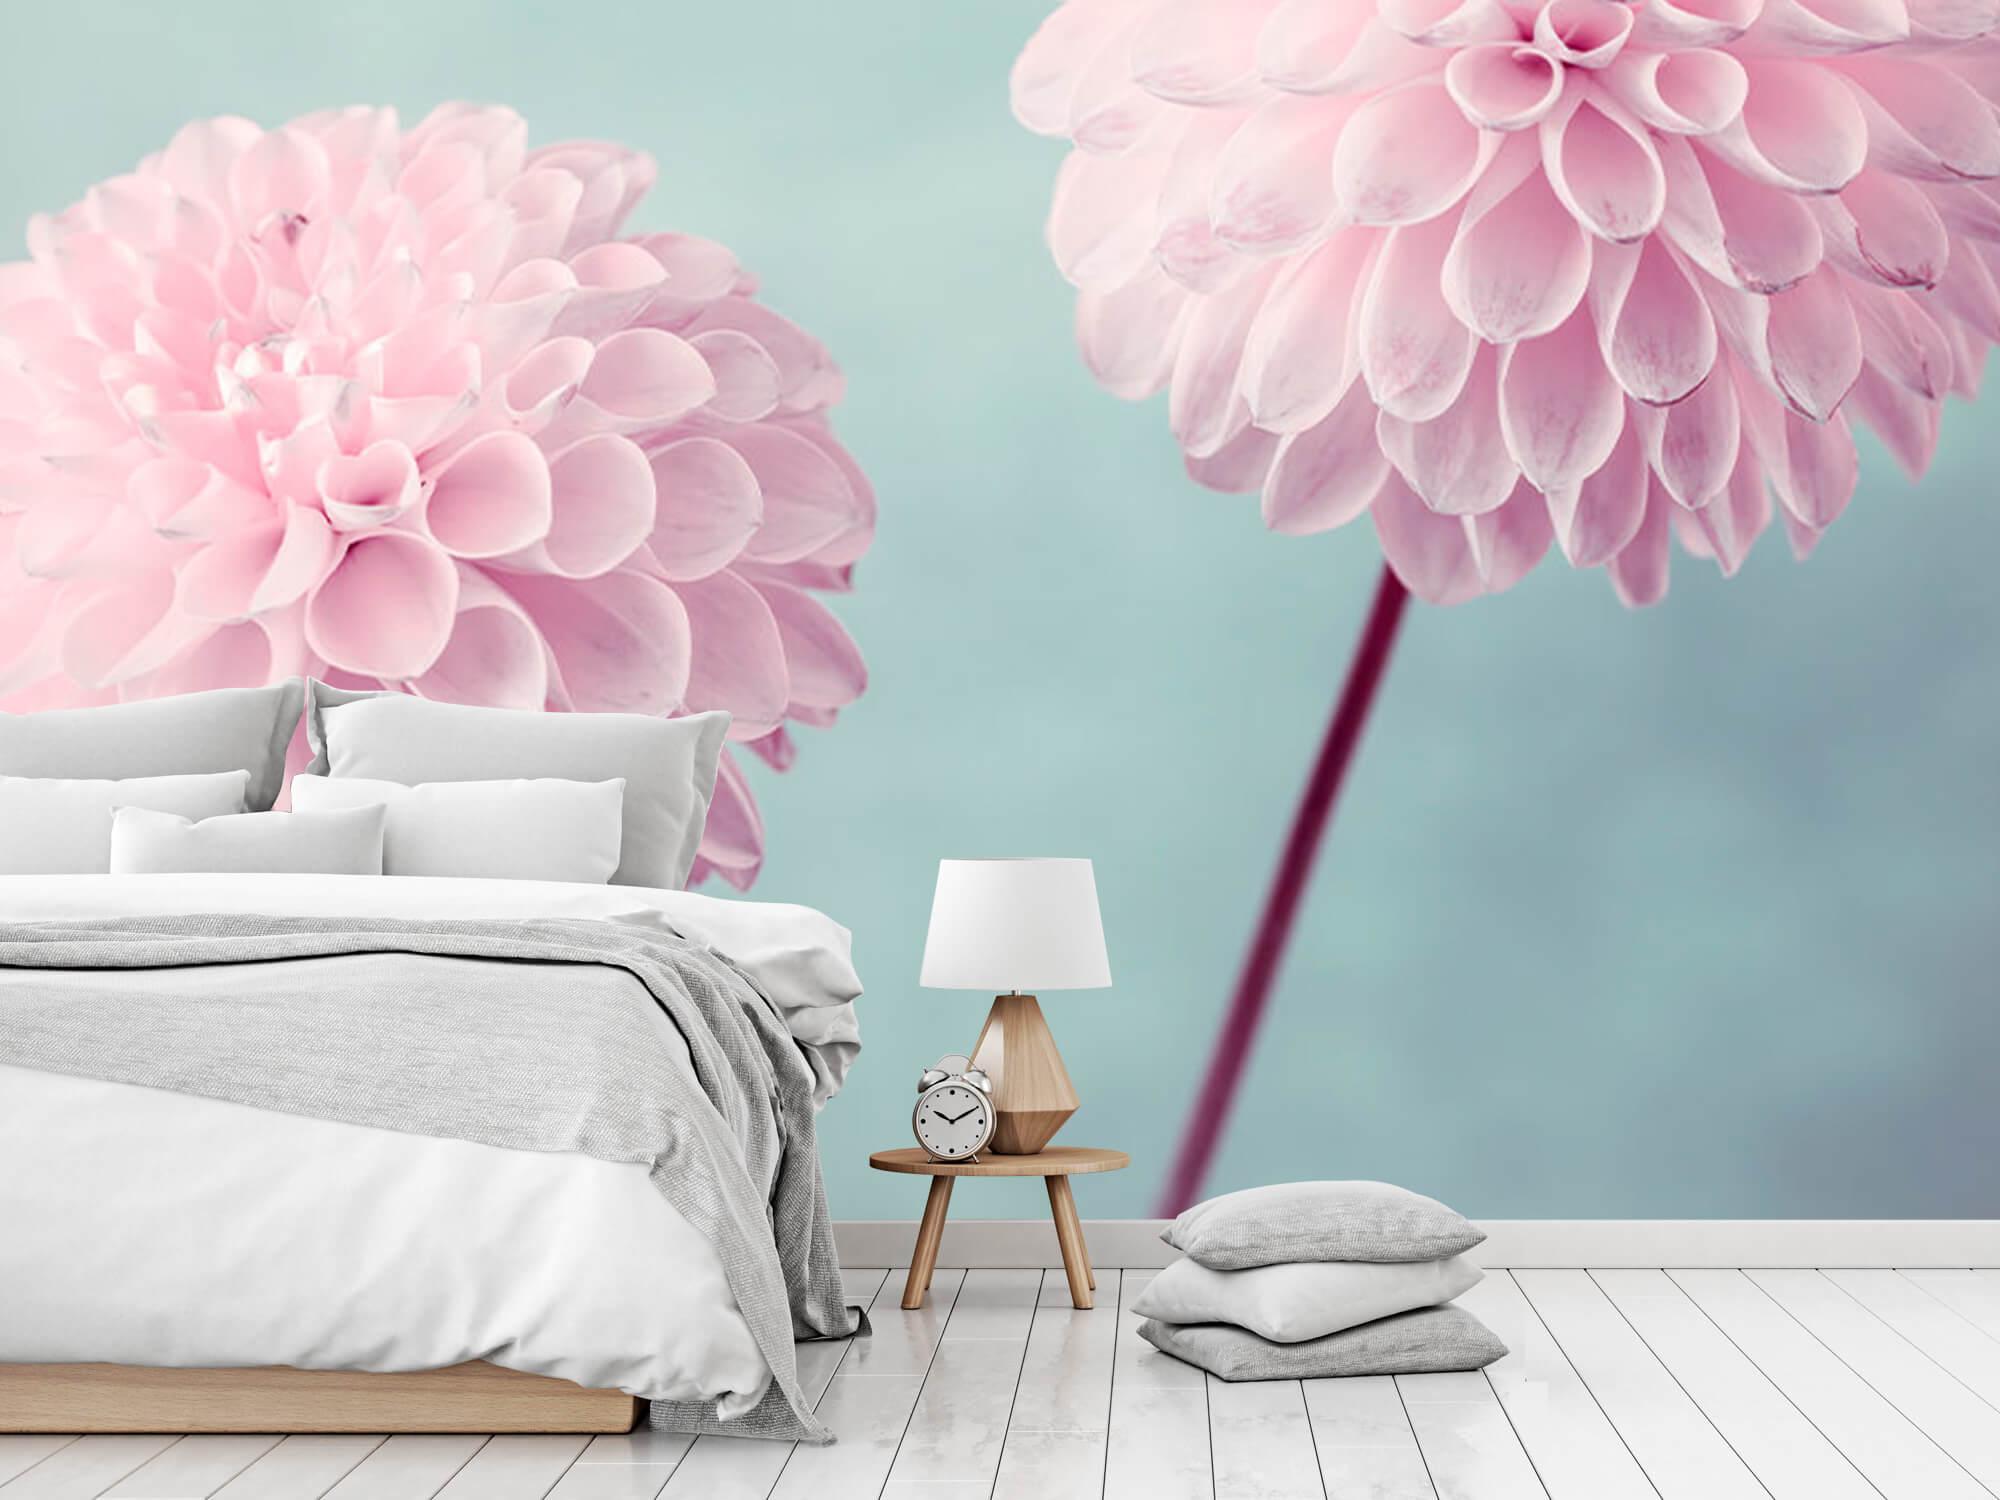 Two Dahlia Flowers 8